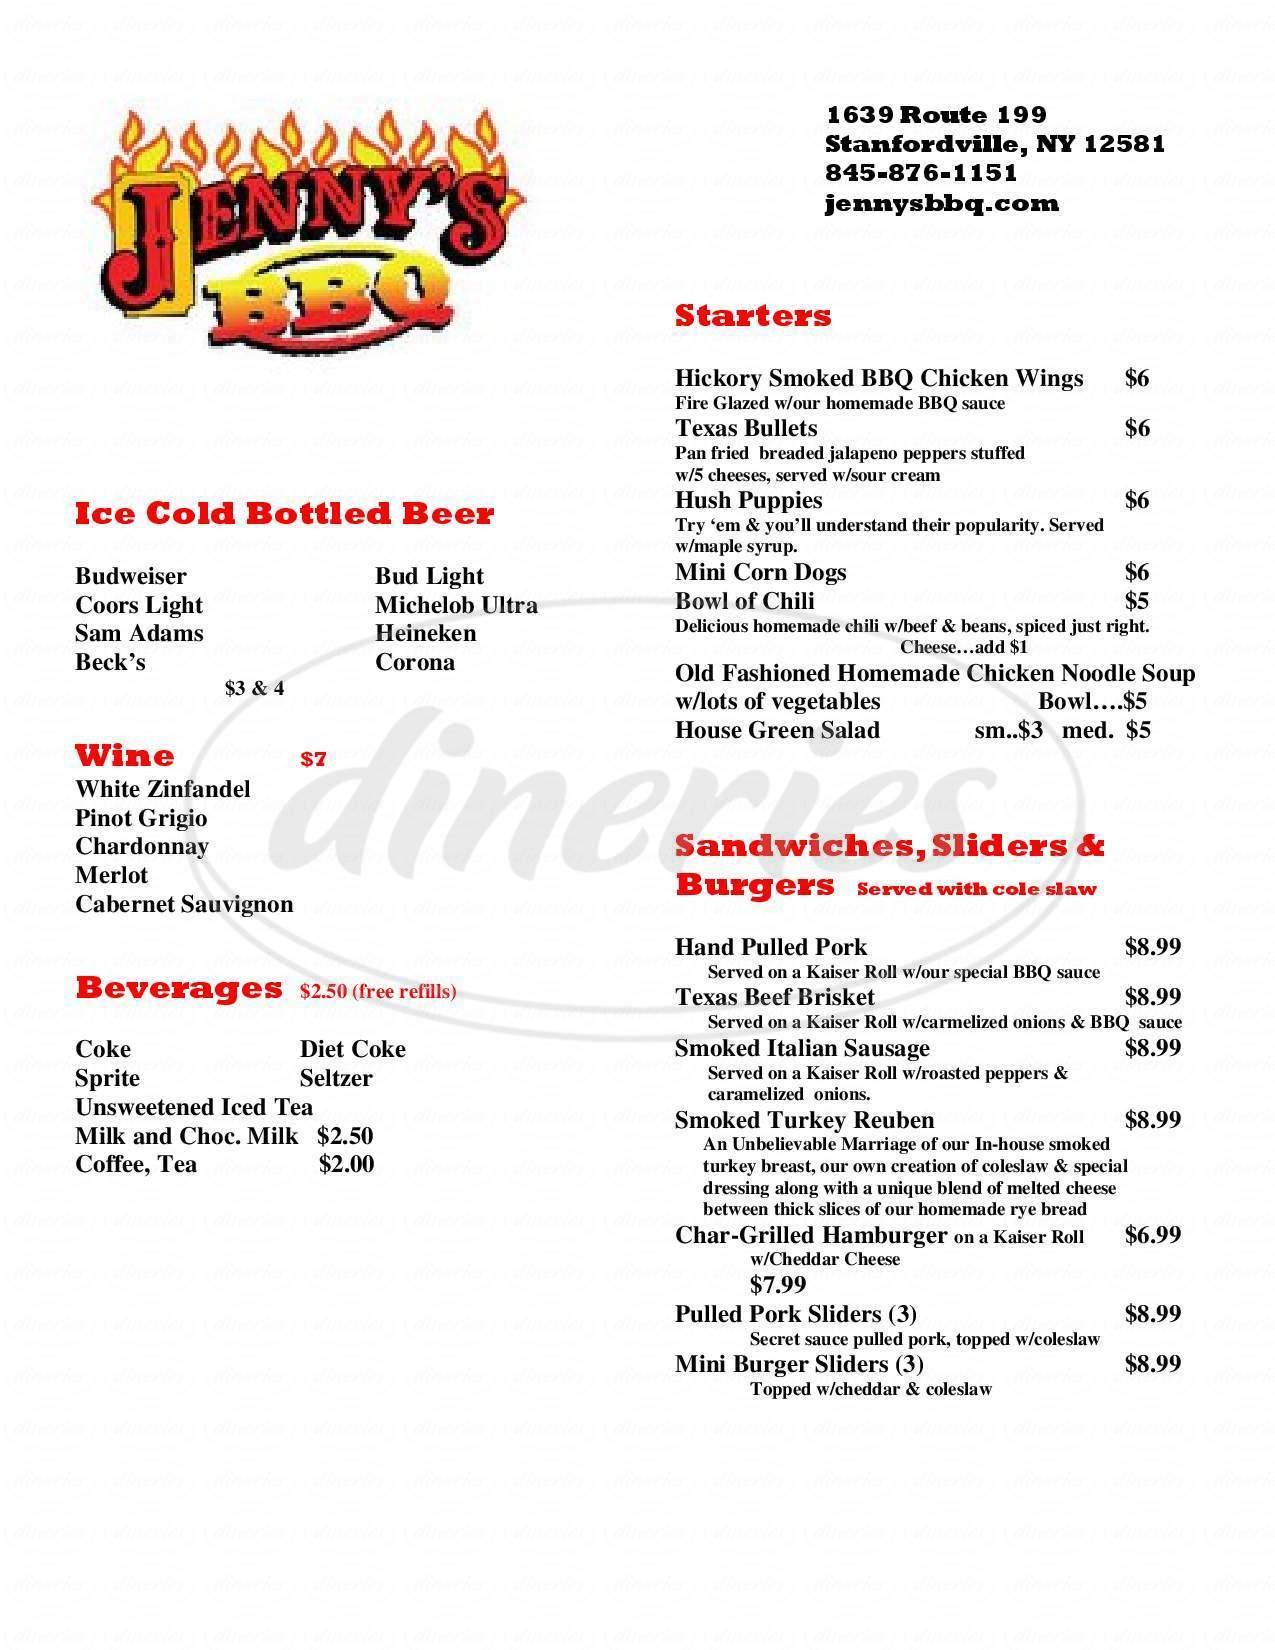 menu for Jenny's BBQ